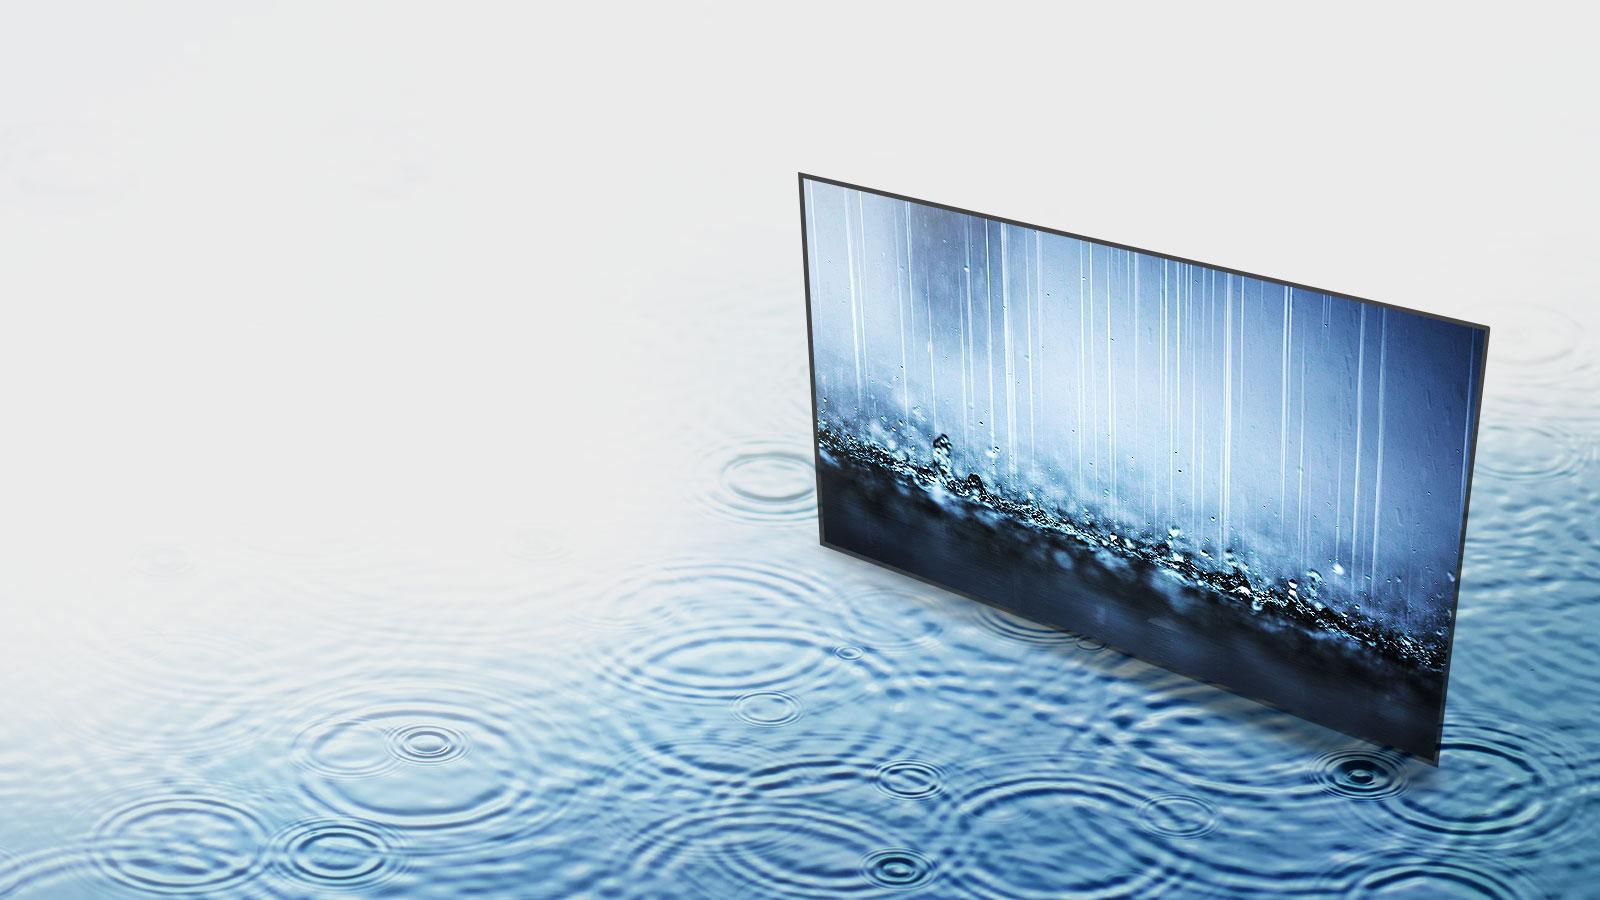 LG USA   LG 43LJ500M: 43-inch Full HD 1080p LED TV